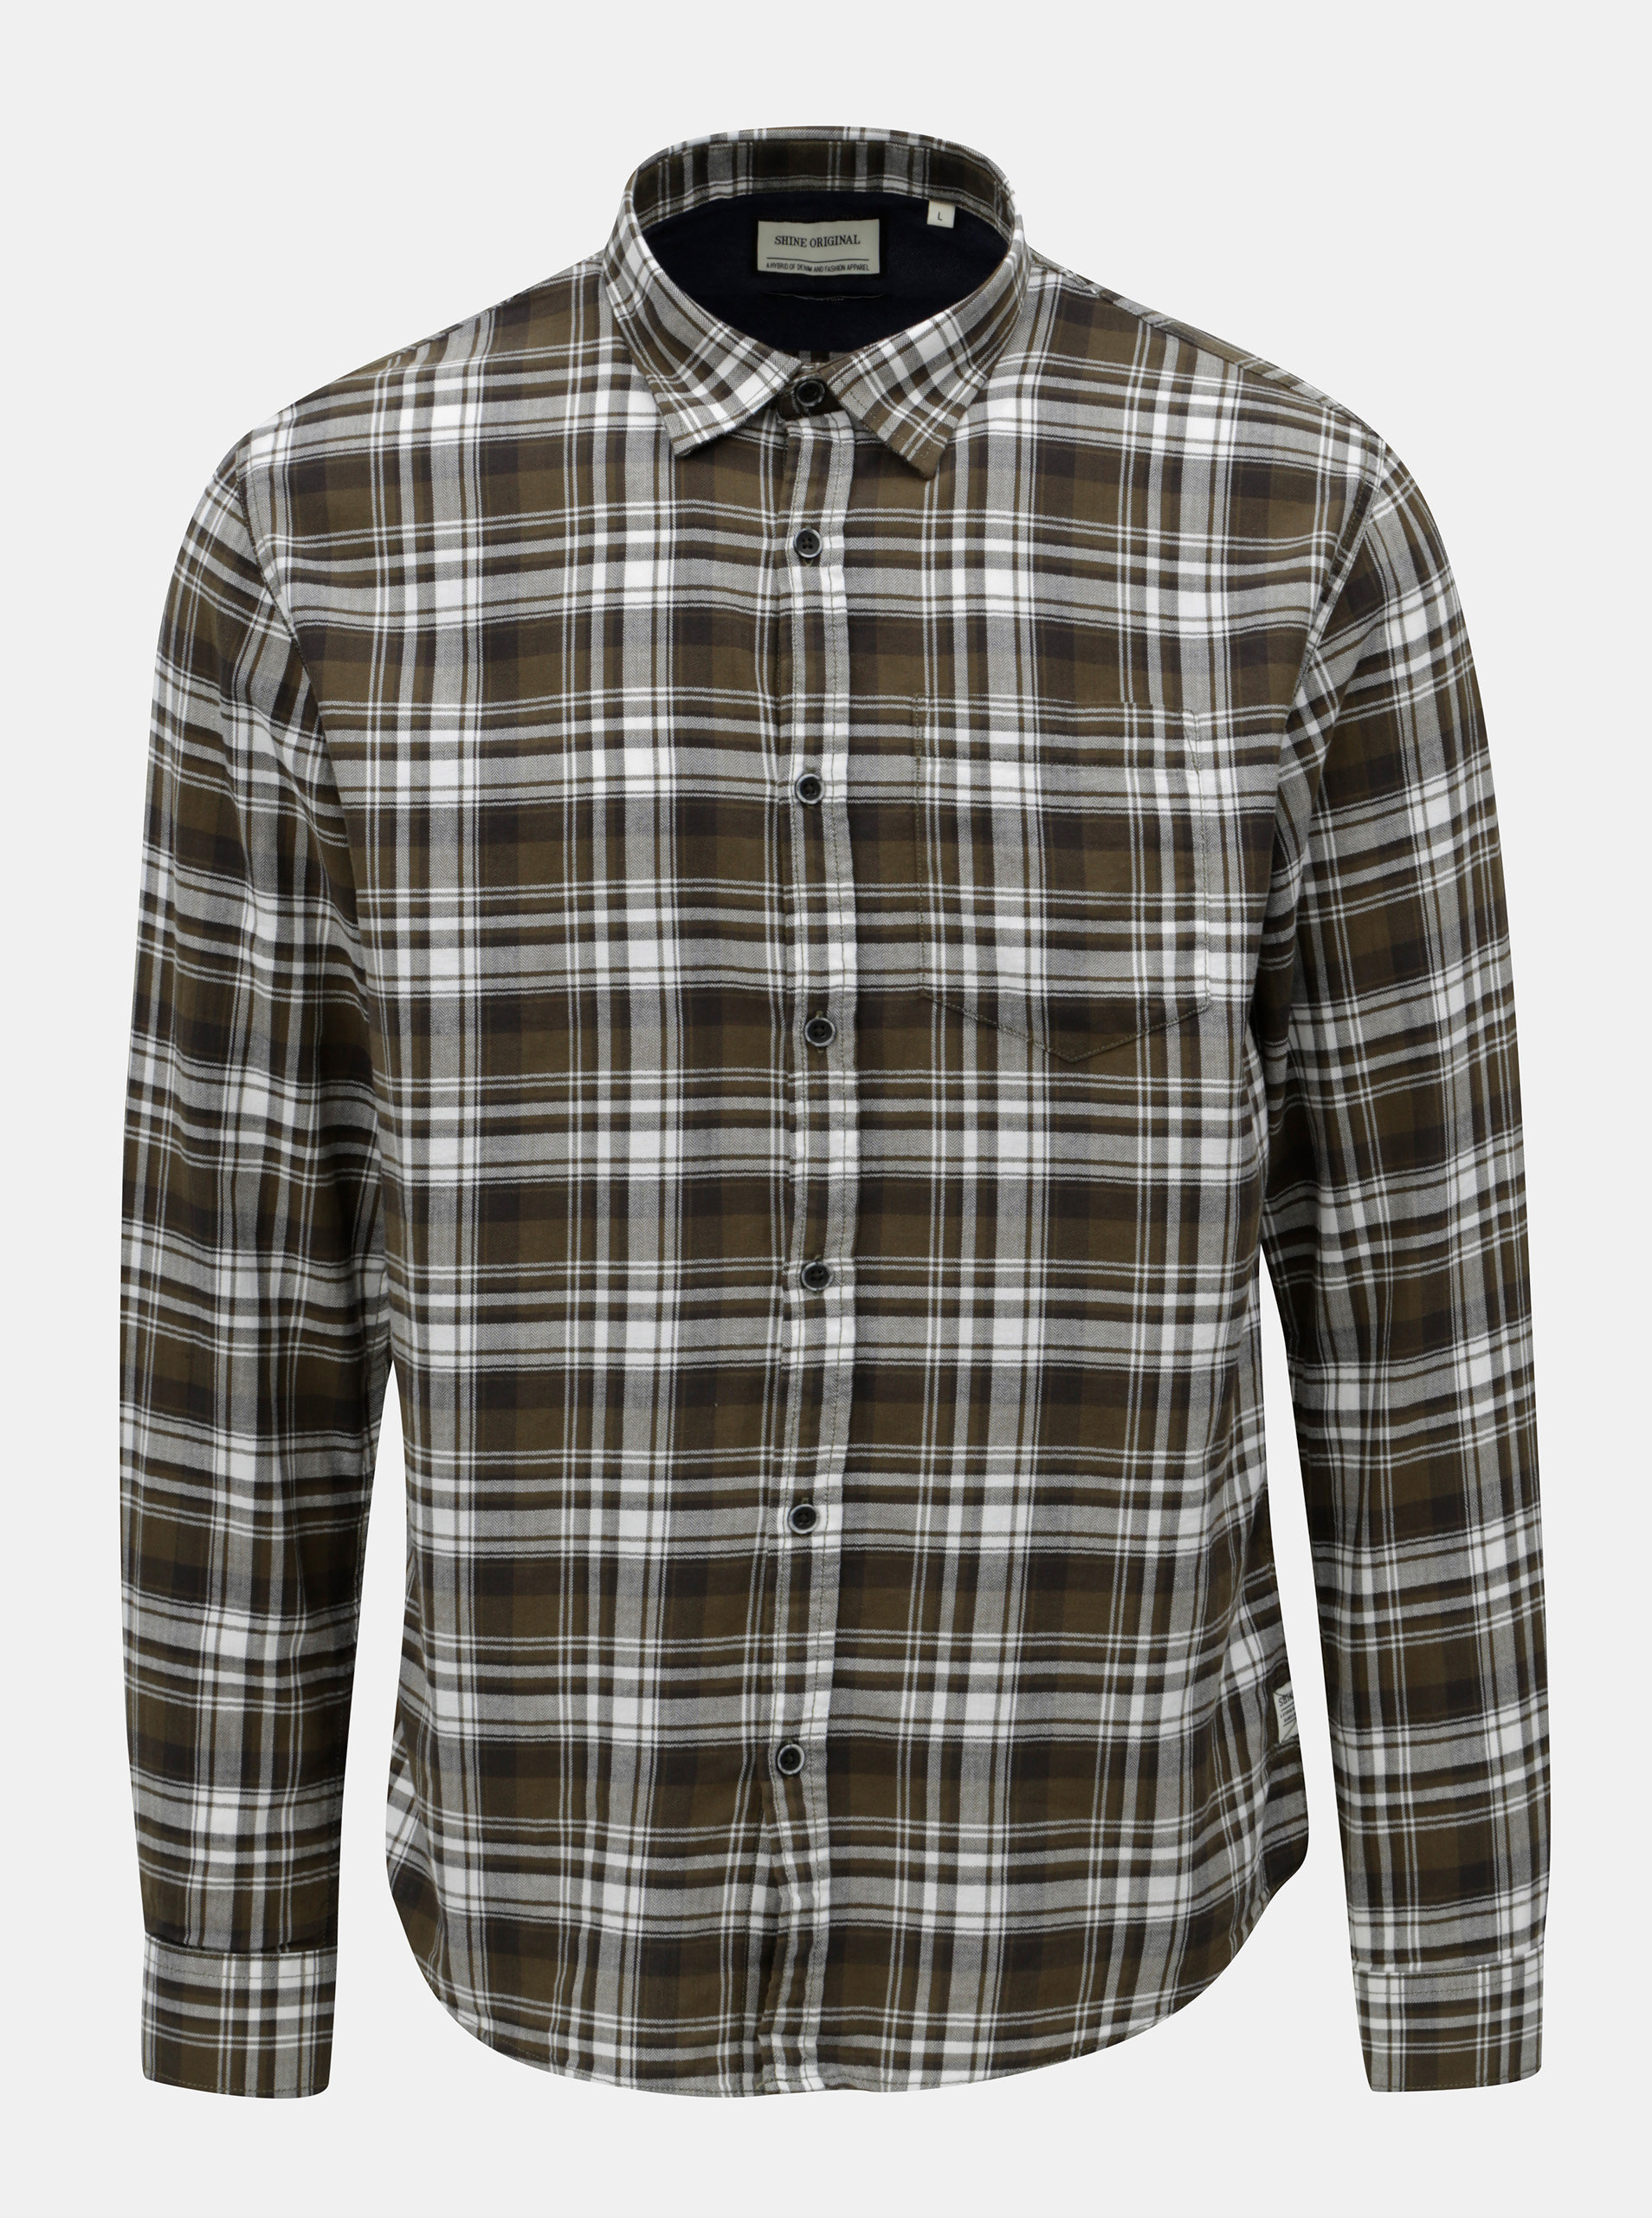 ed3a4c751993 Bílo-zelená kostkovaná košile s náprsní kapsou Shine Original ...